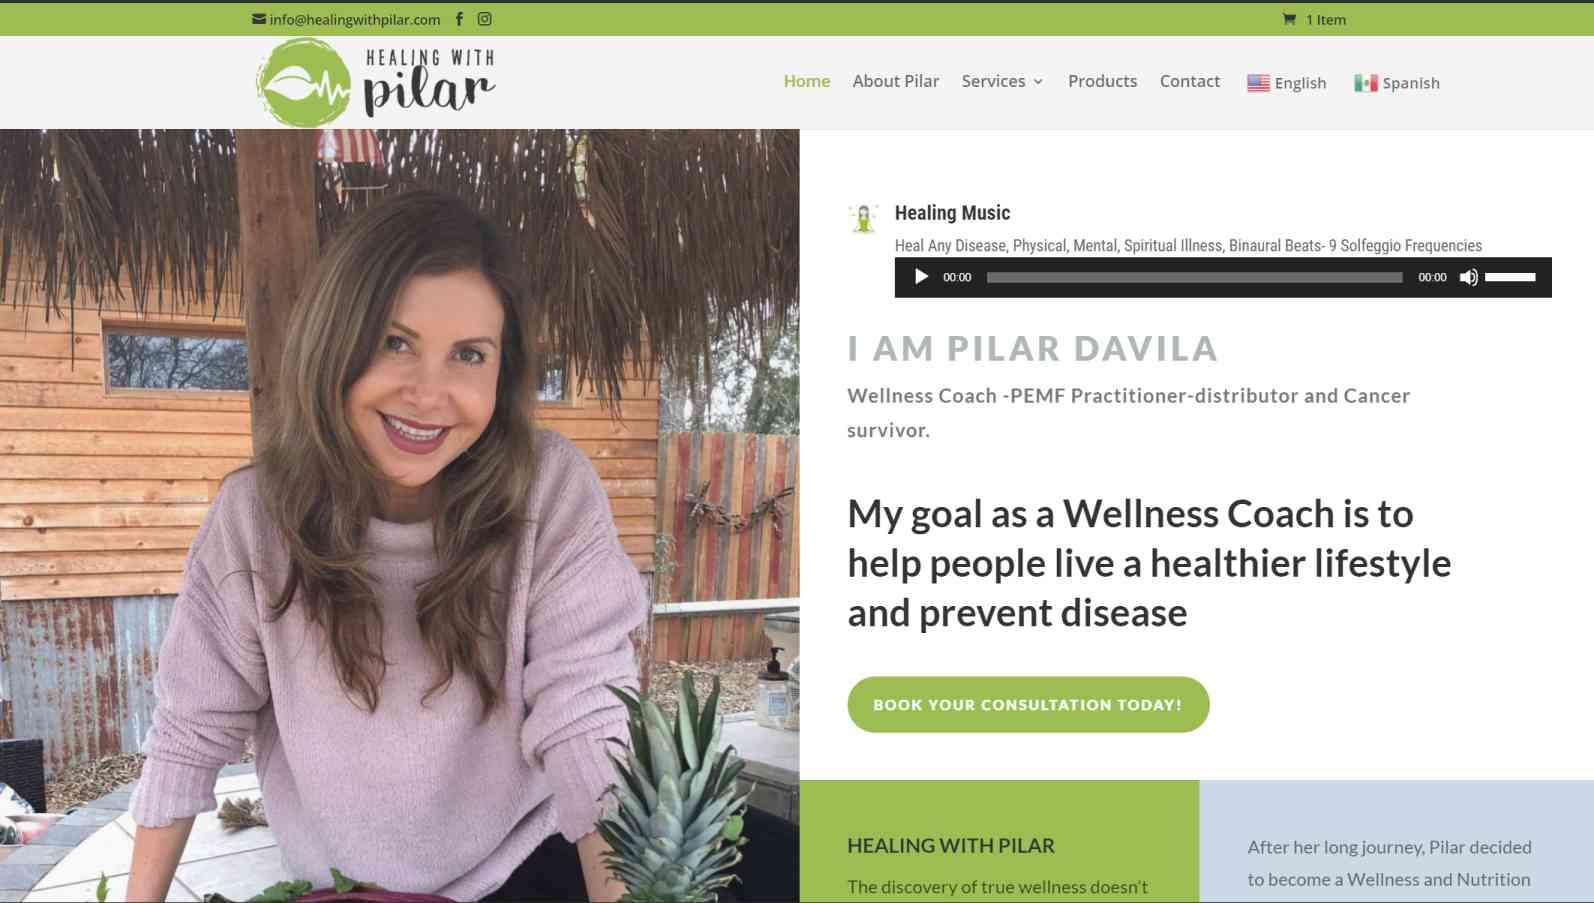 Cliente de diseno web healing with pilar